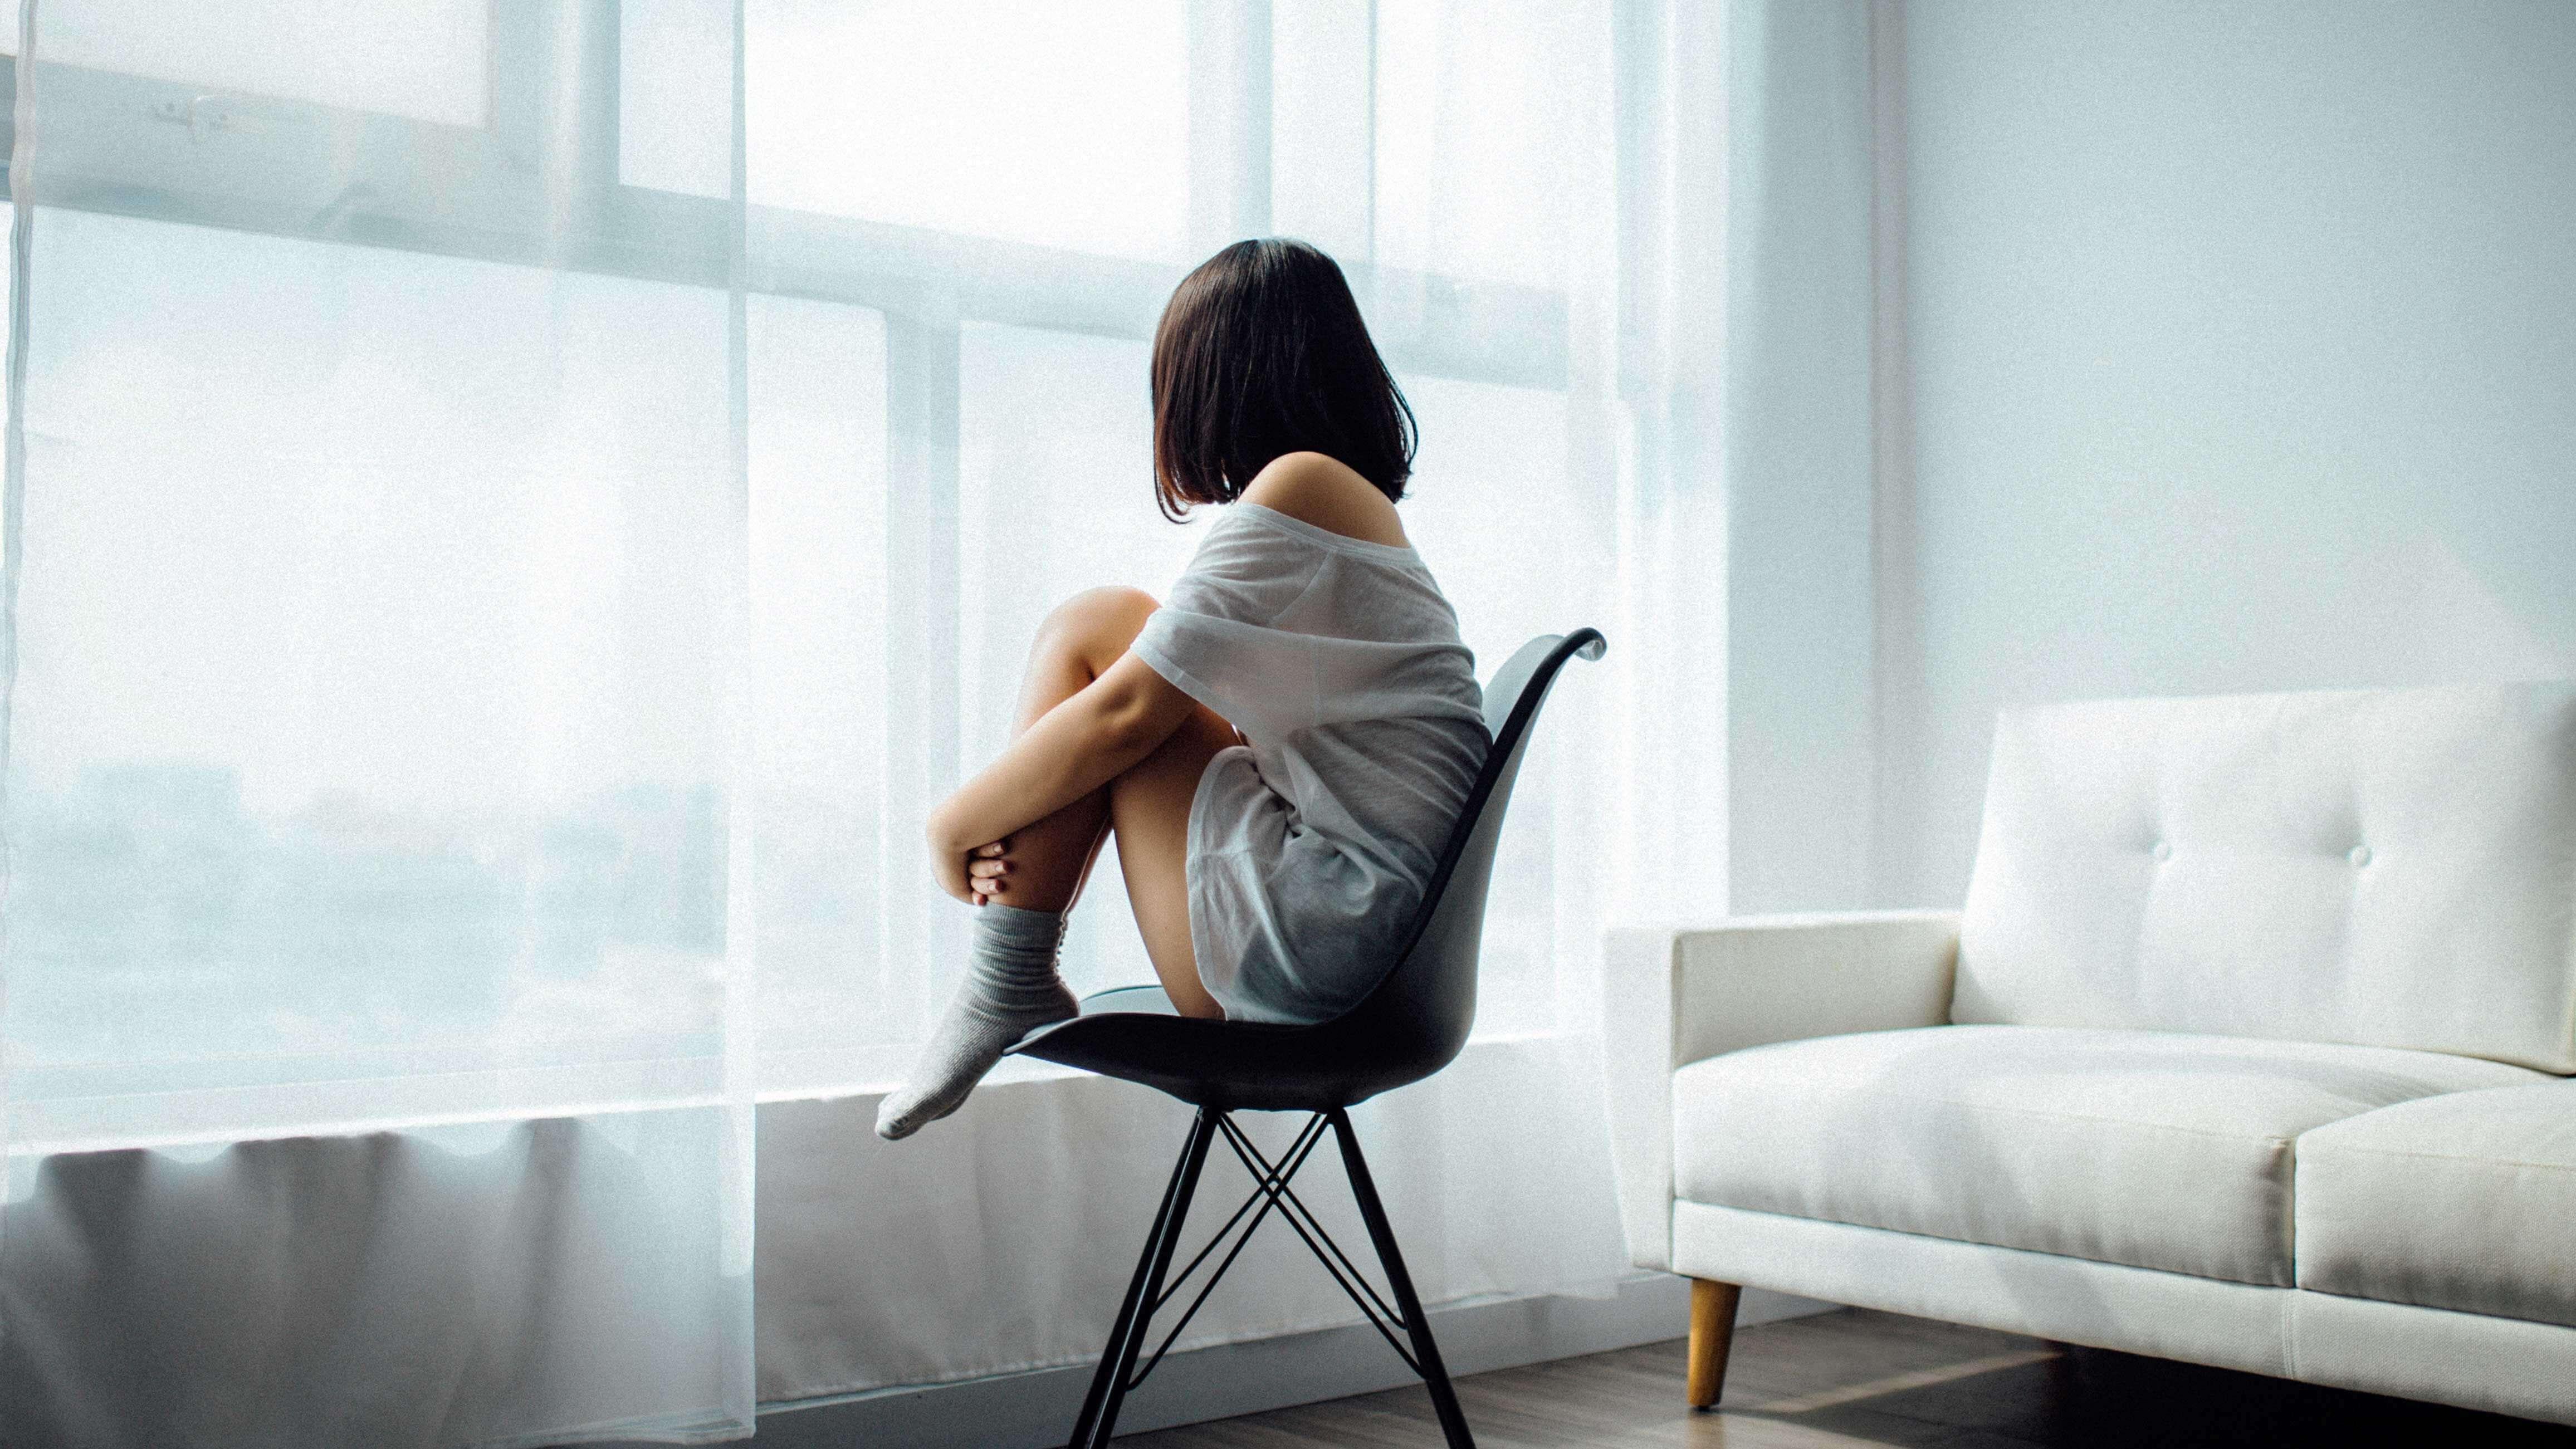 Reflexão: Sombras - Moça sentada em uma cadeira preta, o ambiente é uma sala branca com um sofá da mesma cor e uma janela.